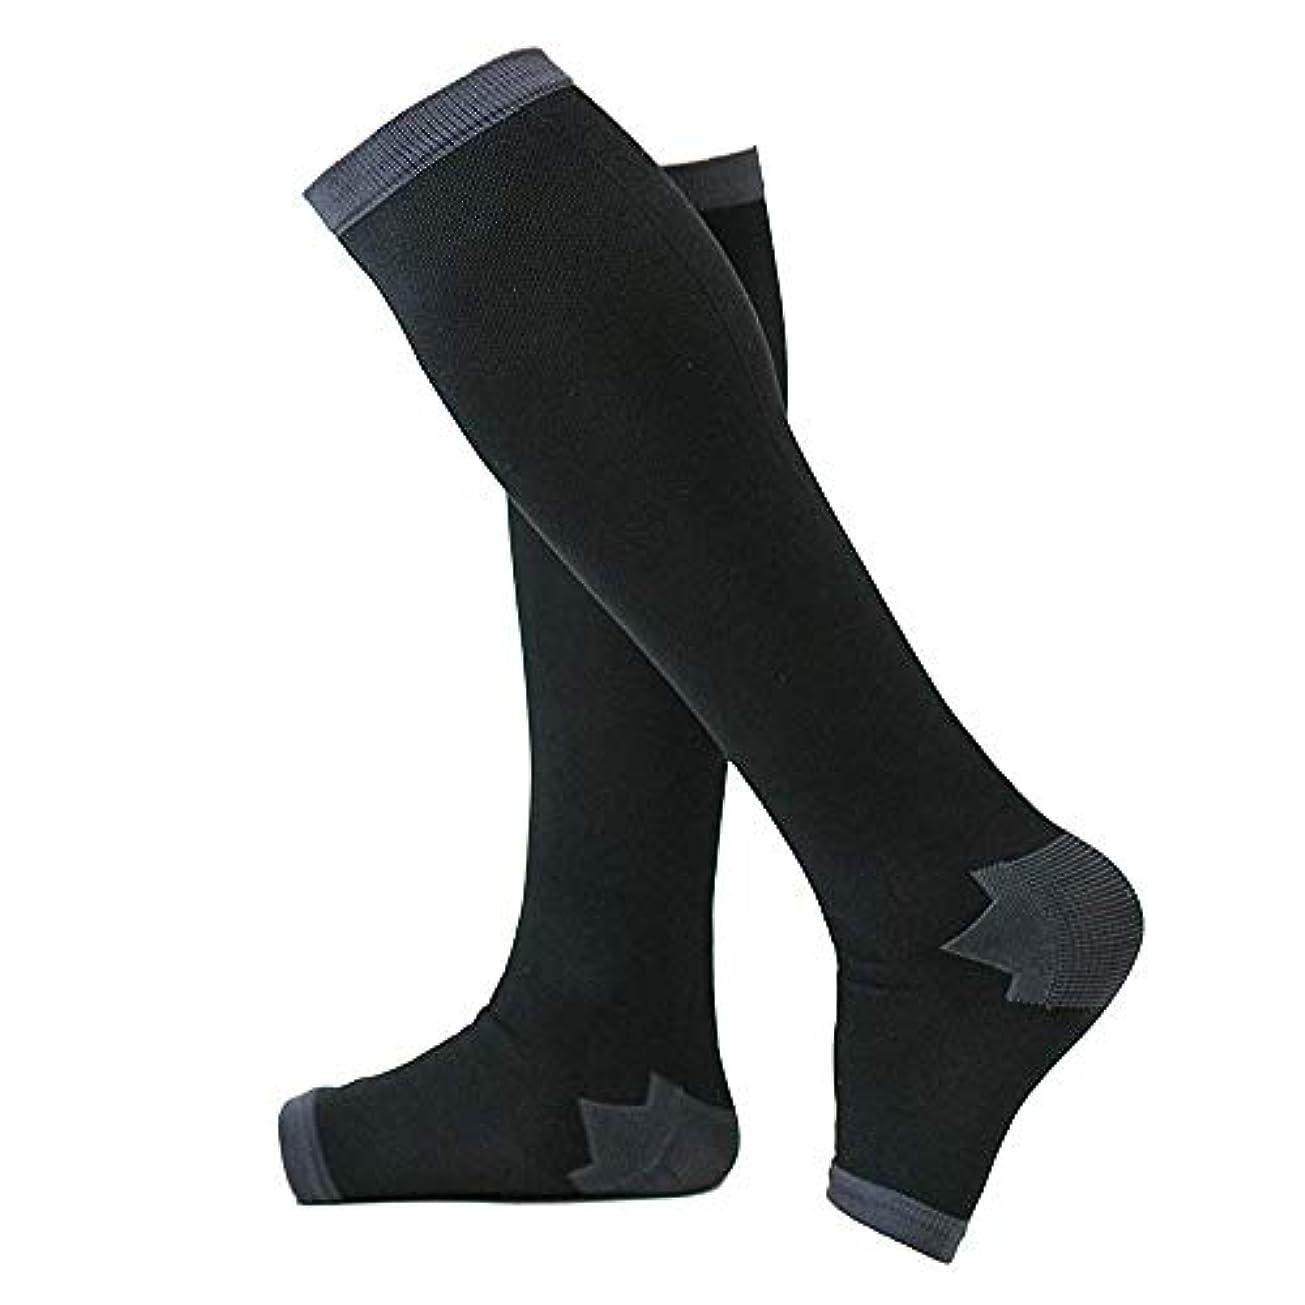 絡まる空冷え性対策 男性専用脚すっきり対策オープントゥ着圧ソックス 膝下 L-LL